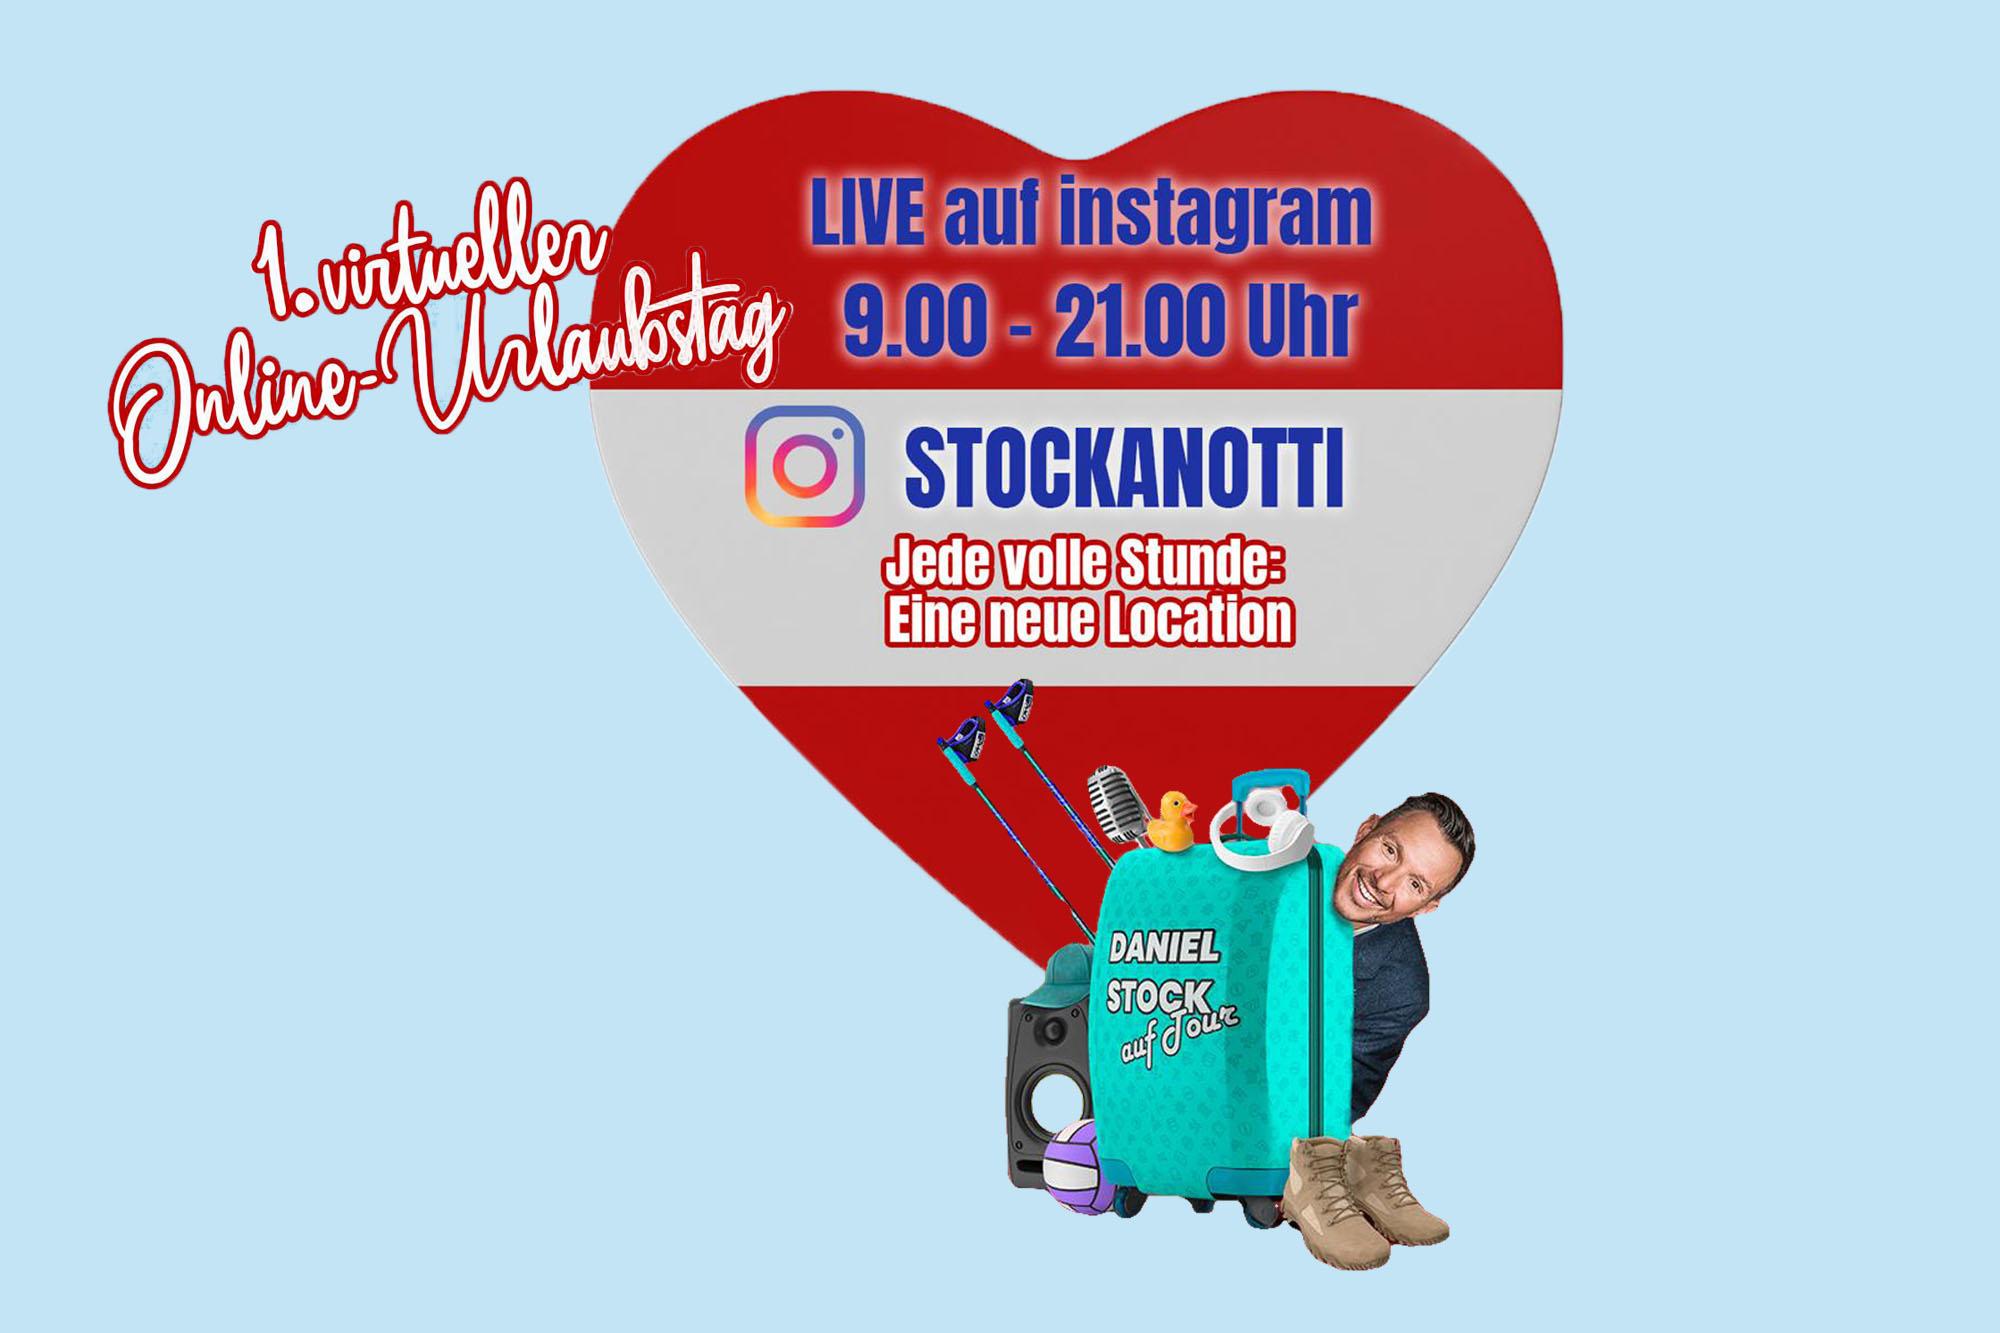 Pressebild zum Thema 1. Online-Urlaubstag mit Stockanotti